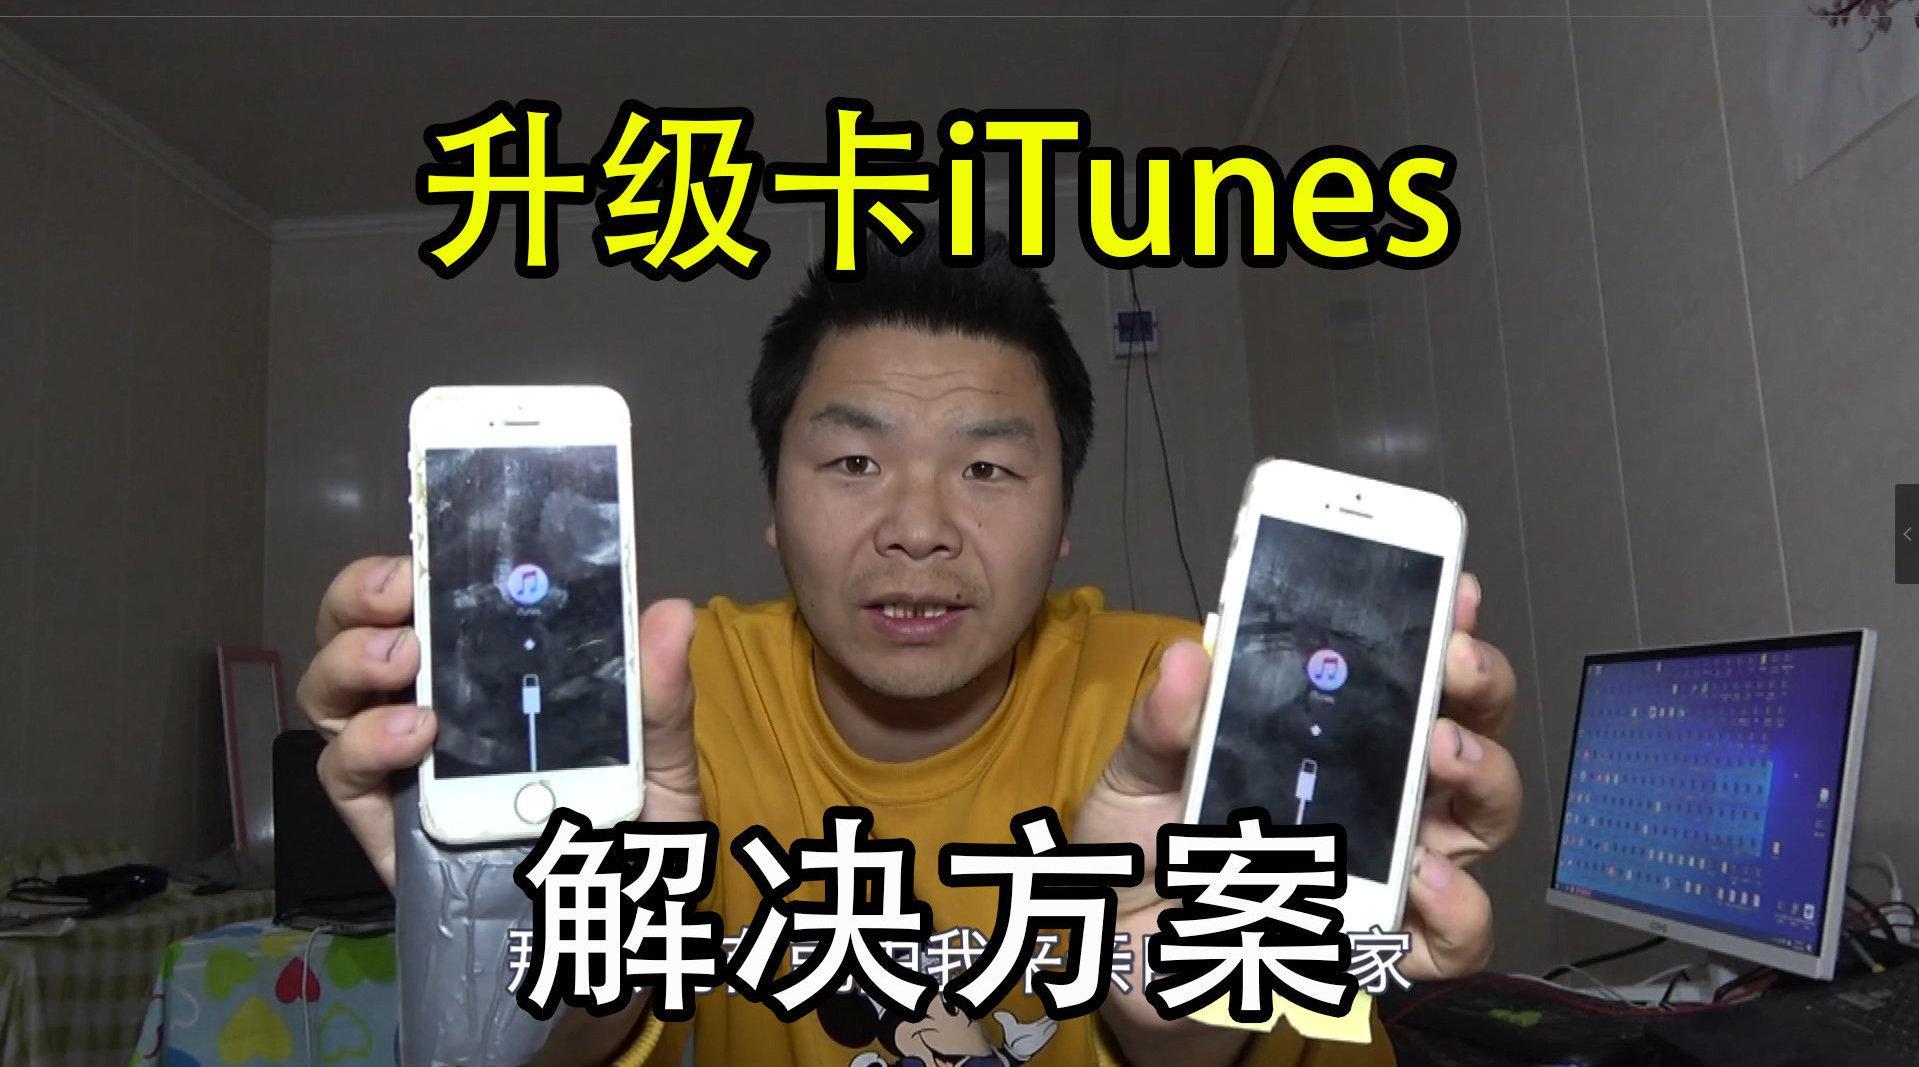 苹果手机保资料升级结果卡itunes……